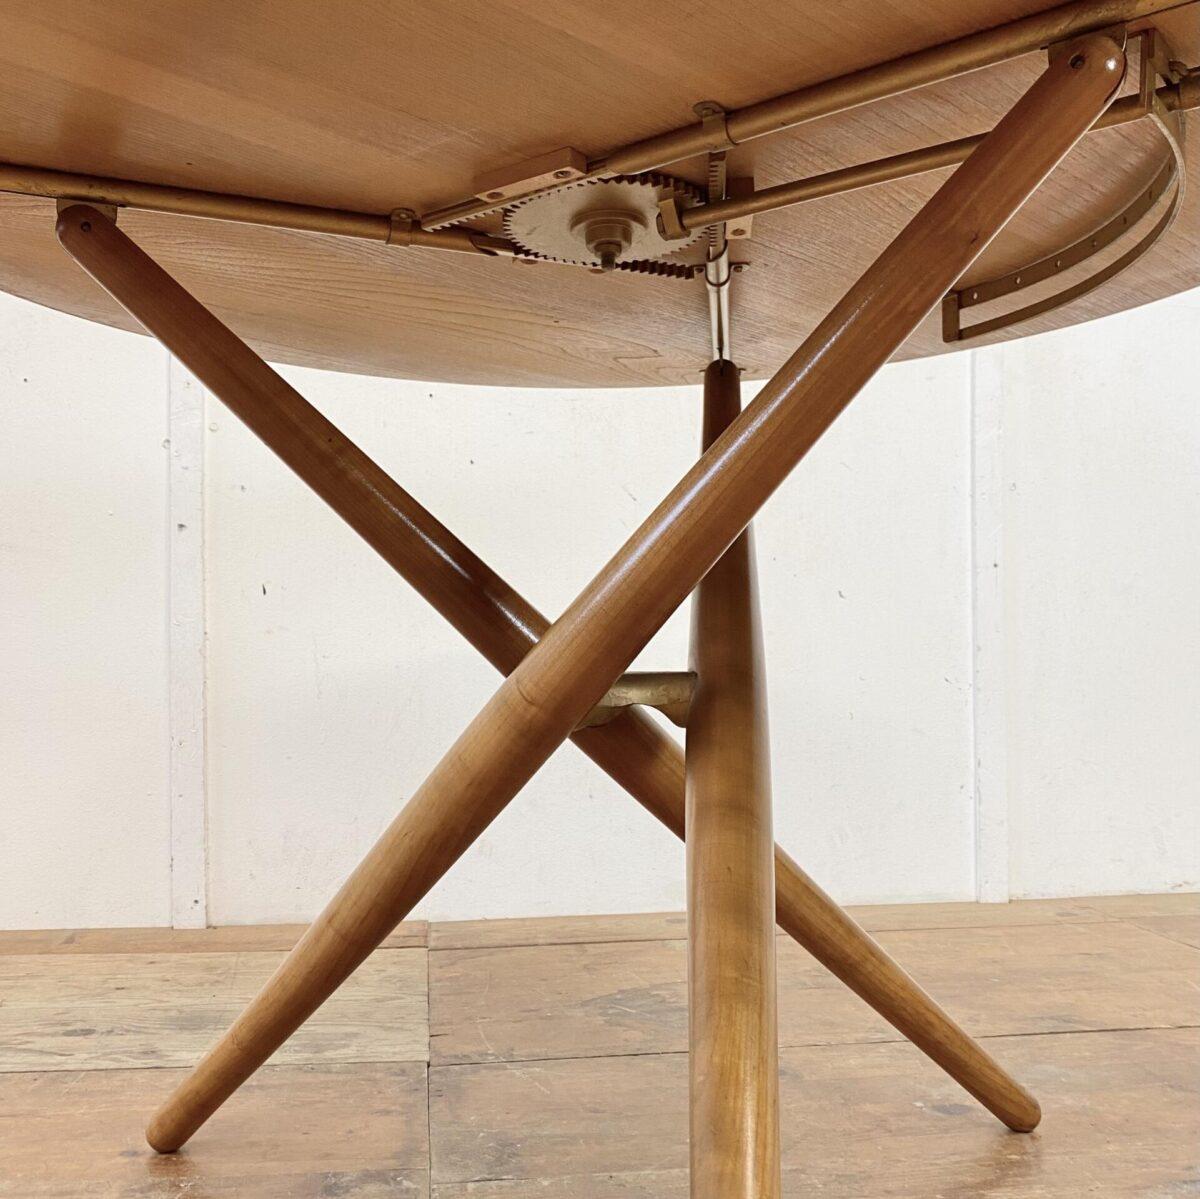 Deuxieme.shop. Horgenglarus. Ess Tee Tisch von Jürg Bally für Wohnhilfe Zürich, aus den 50er Jahren. Durchmesser 103cm höhenverstellbar von 46-70cm. Der Tisch ist in gepflegtem guten Original Zustand. Das Tischblatt ist Nussbaum furniert, minimal abgegriffen mit ein paar matten Stellen. Restauration nach Wunsch und Absprache möglich. Die konischen Rundbeine sind aus Kirschholz.